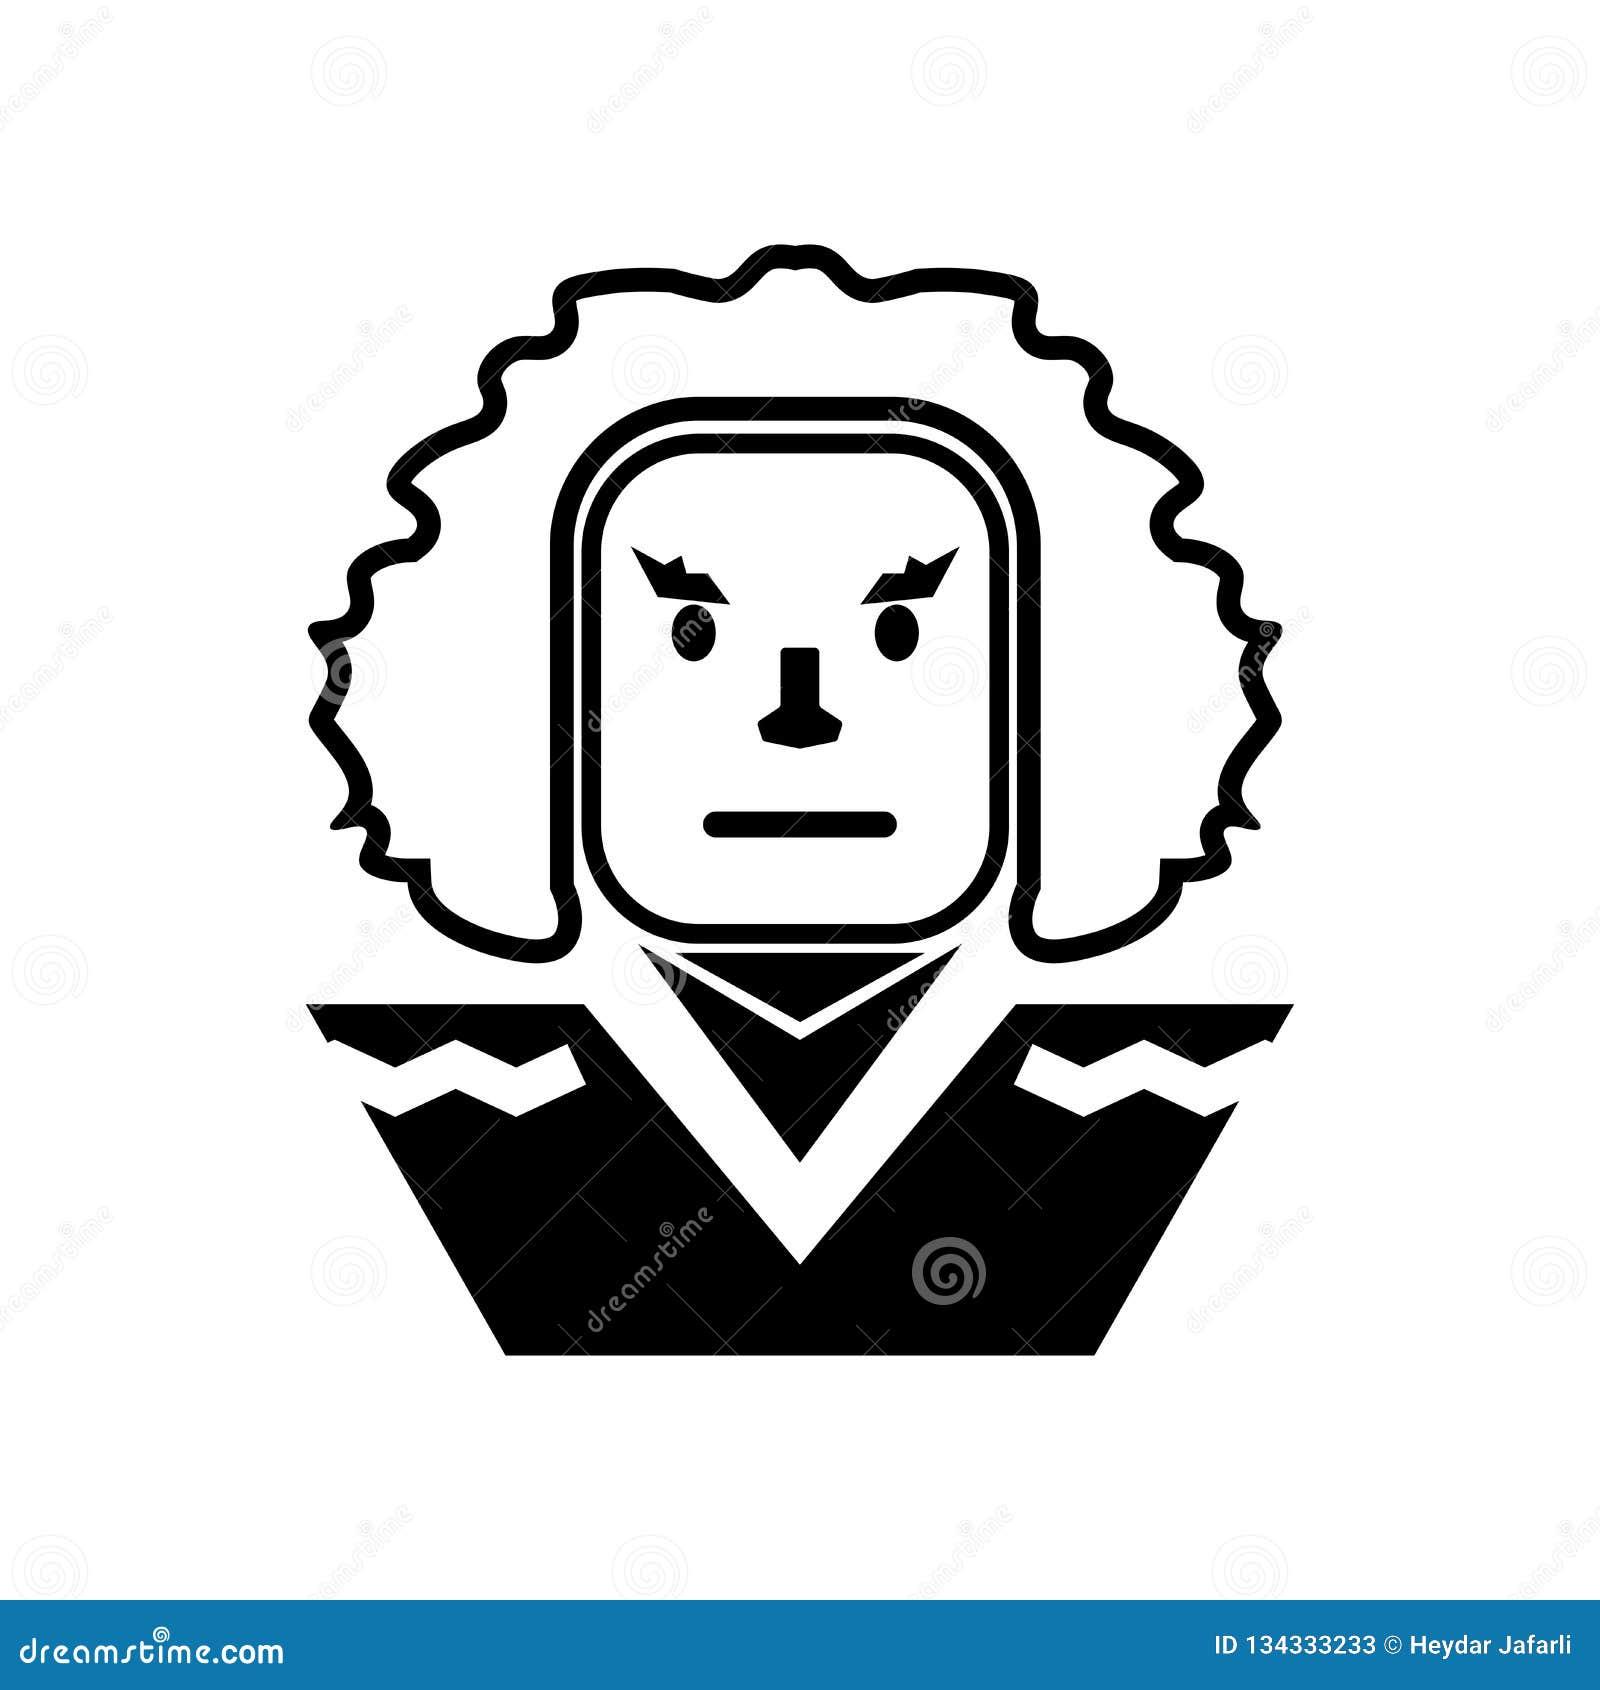 George washington icon vector sign and symbol isolated on white background, George washington logo concept